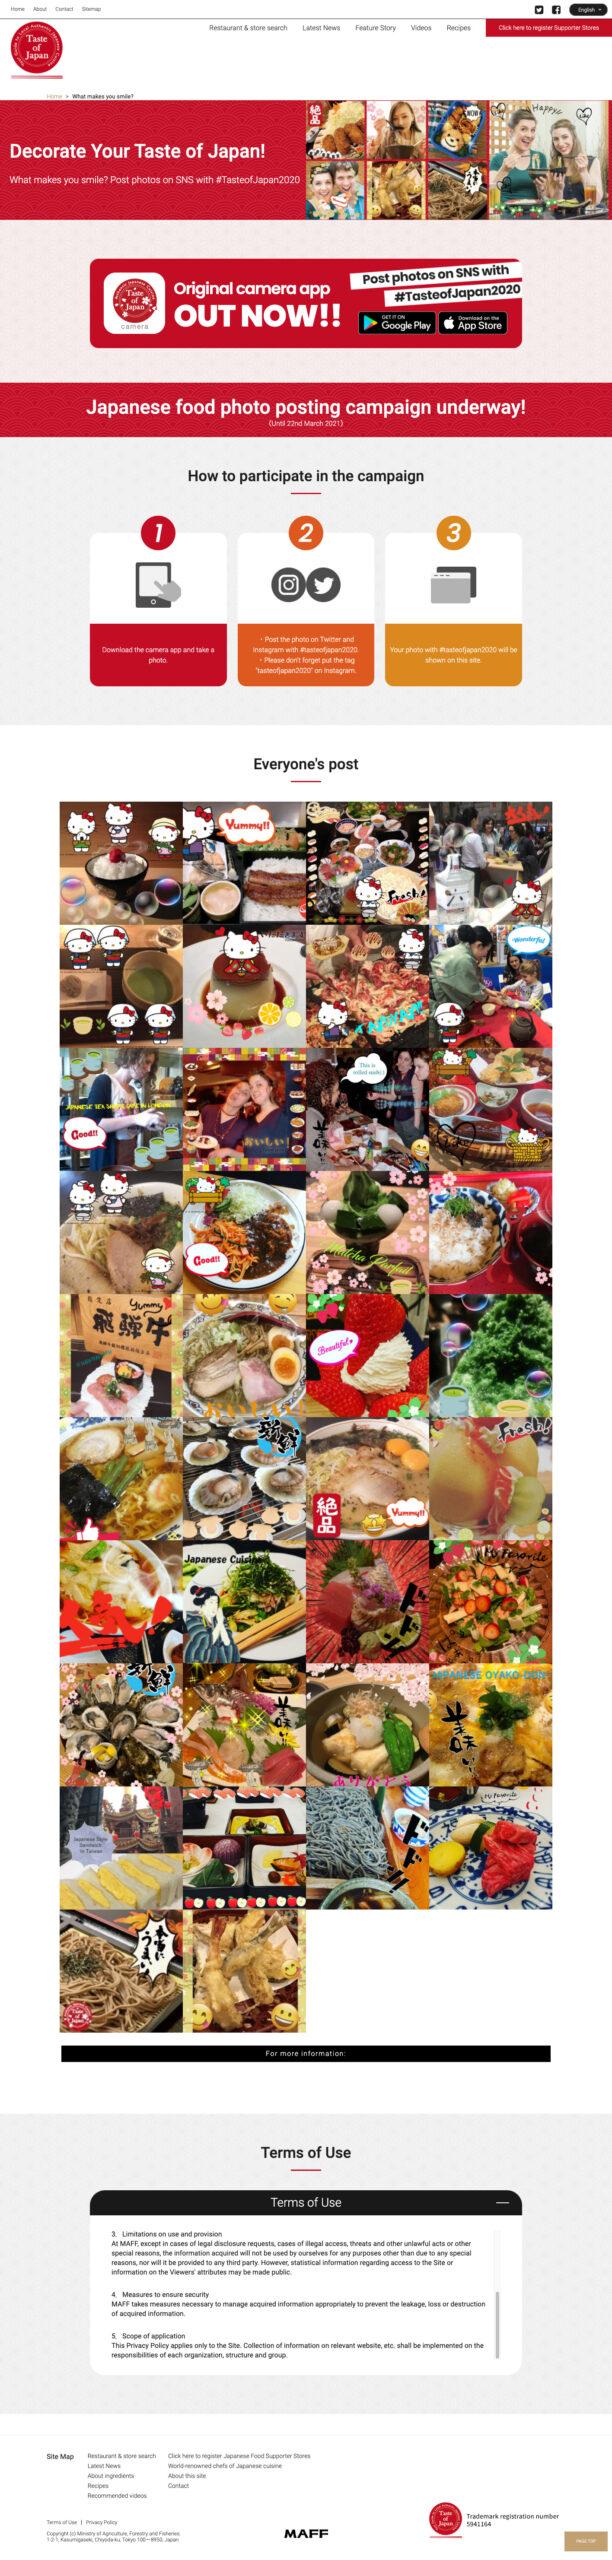 Decorate Your Taste of Japan! | Taste of Japan